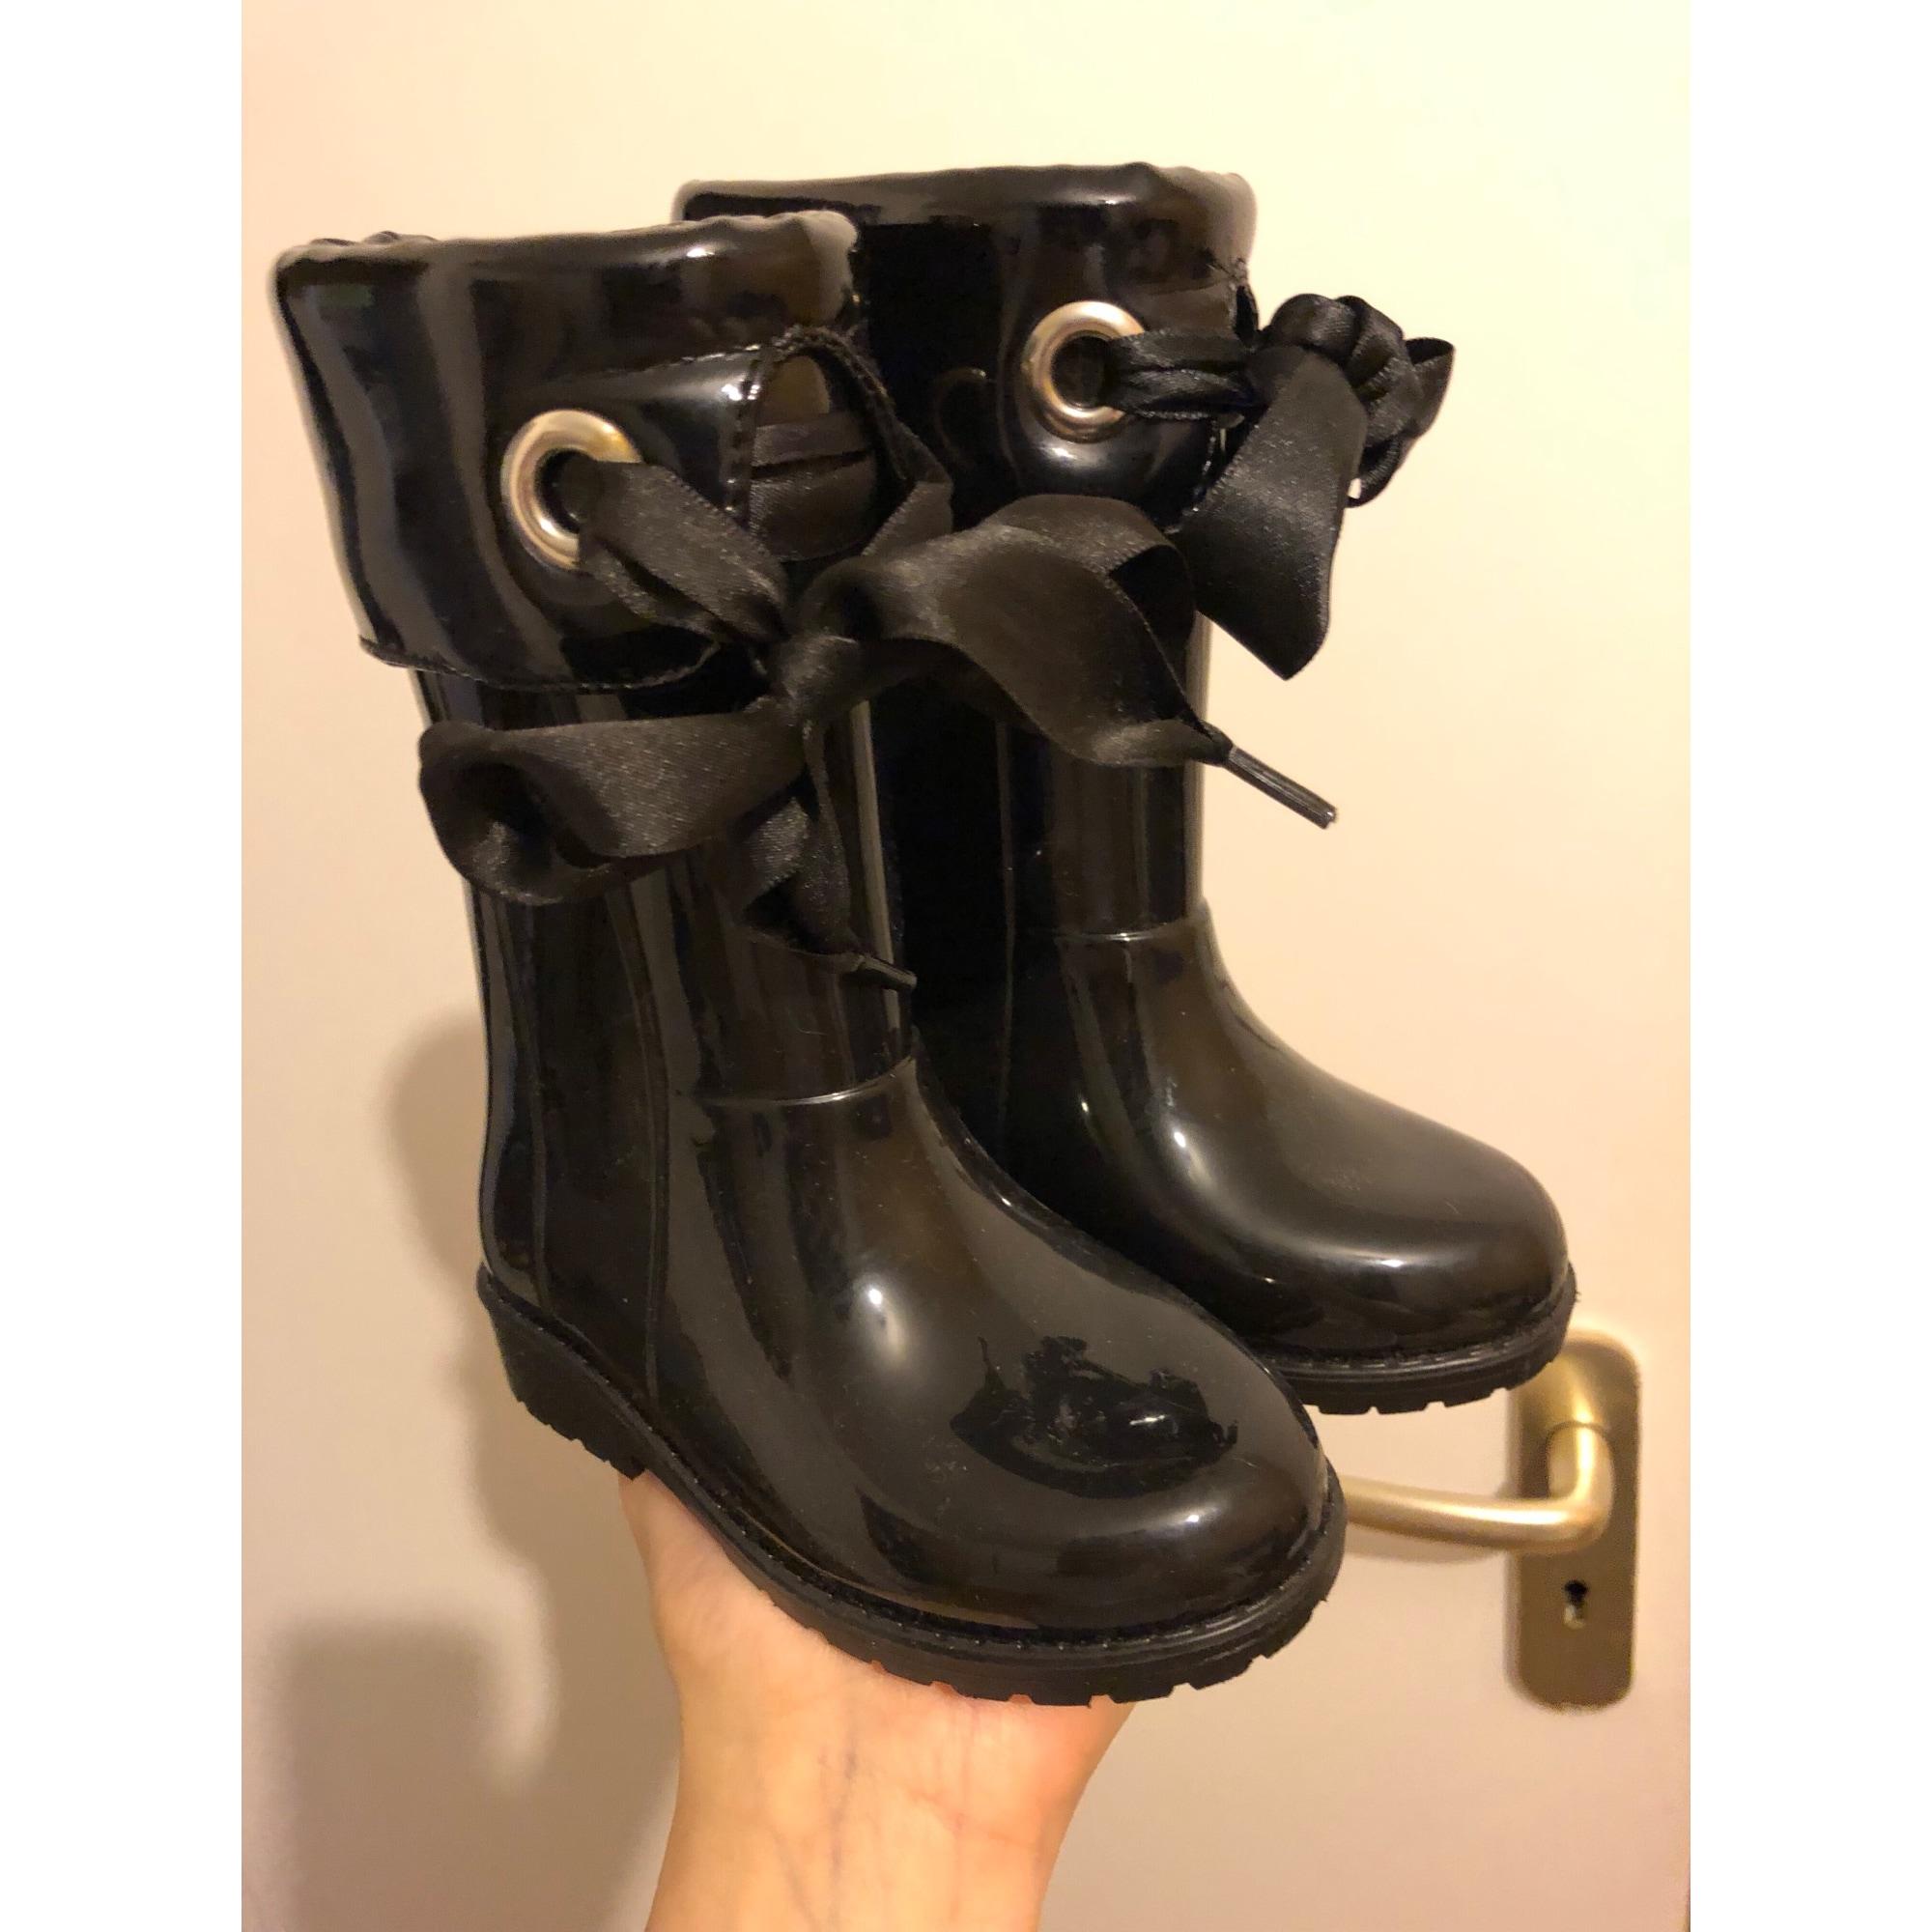 Bottes de pluie TTY caoutchouc noir 23